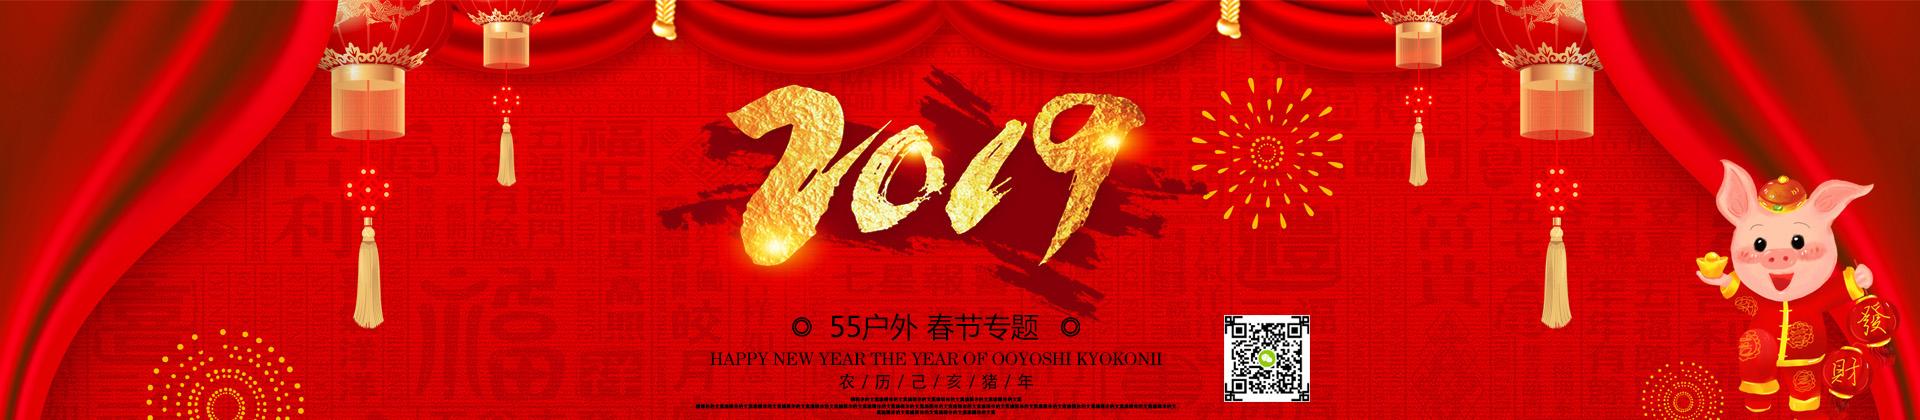 五五户外春节专题